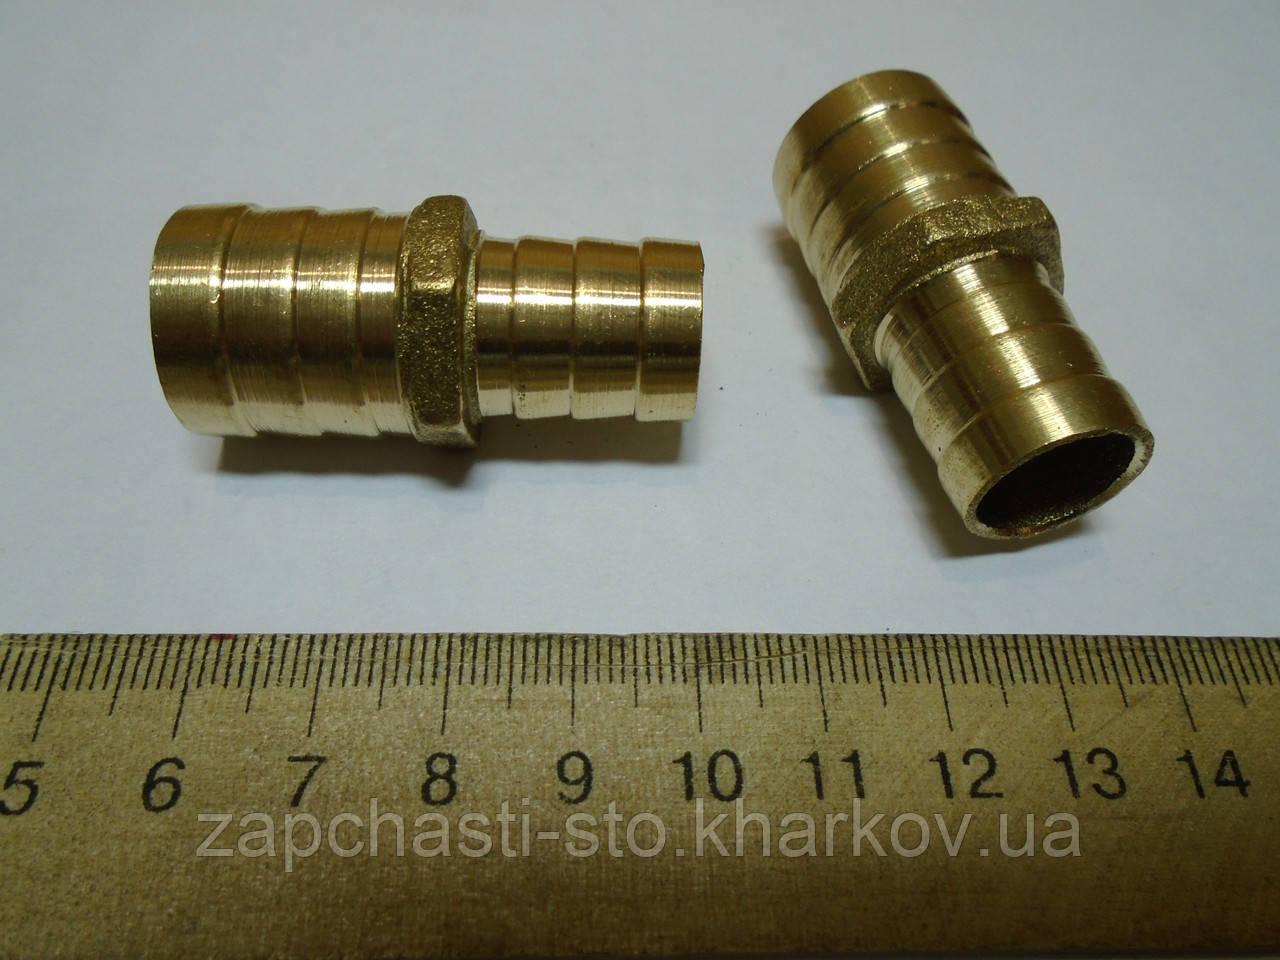 Штуцер, переходник металлический на шланг 16-20 (20-16)